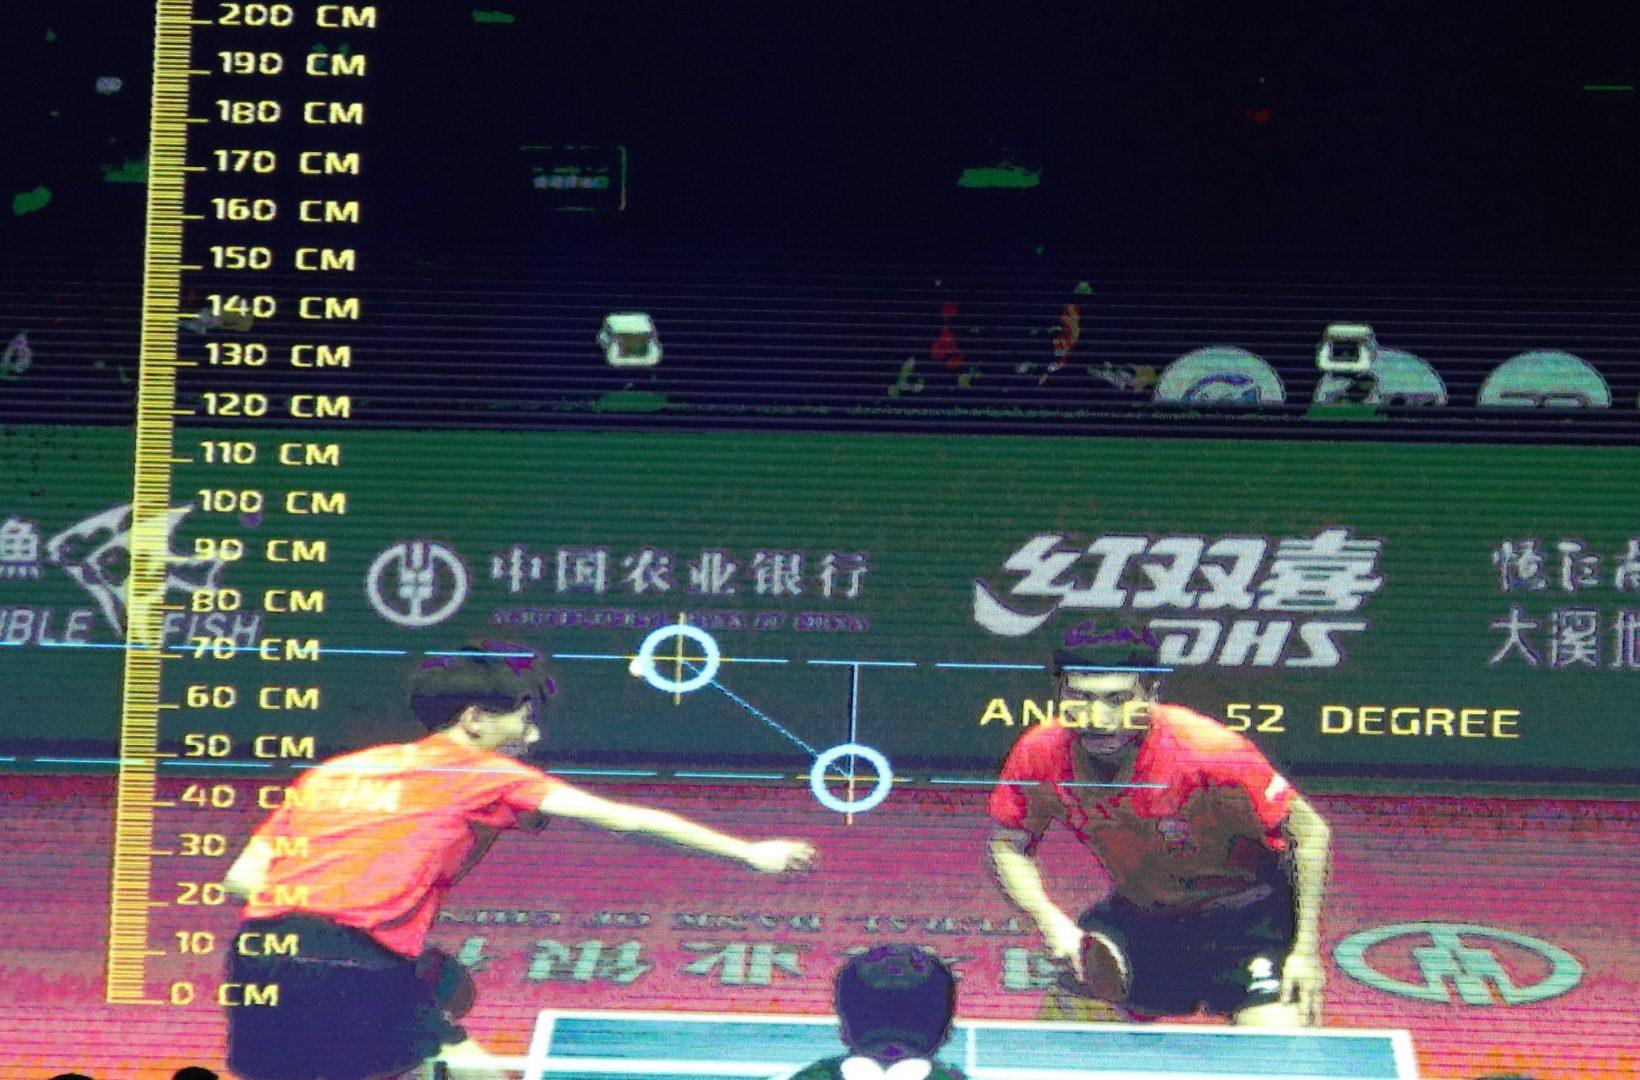 ワールドツアー初のビデオ判定実施 卓球界でも誤審対策進む<グランドファイナル>